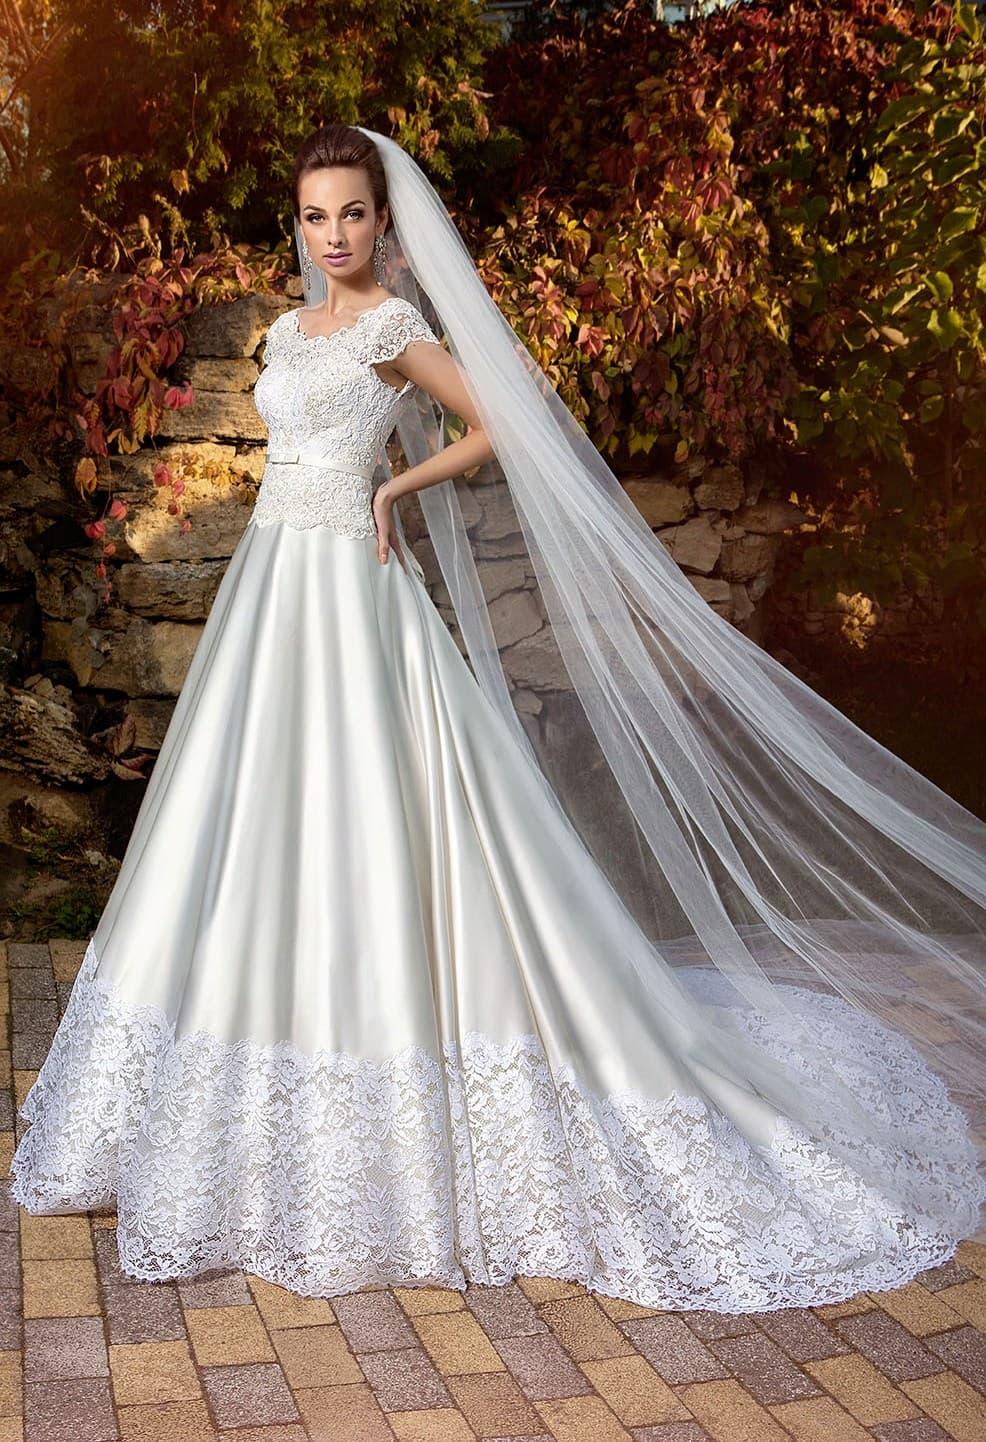 Linear wedding